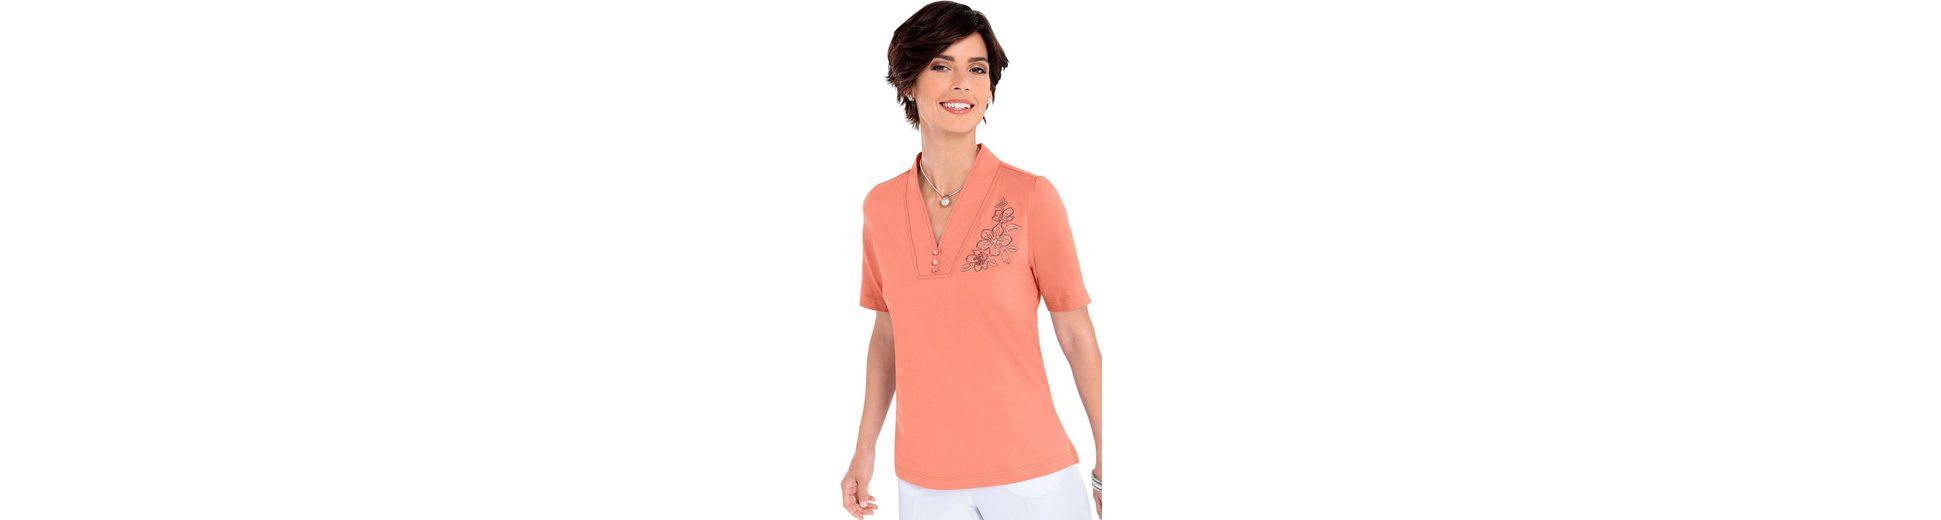 Shirt mit Blütenstickerei 2018 Neueste Online Verkauf Outlet-Store Outlet Angebote zOrfUkI4